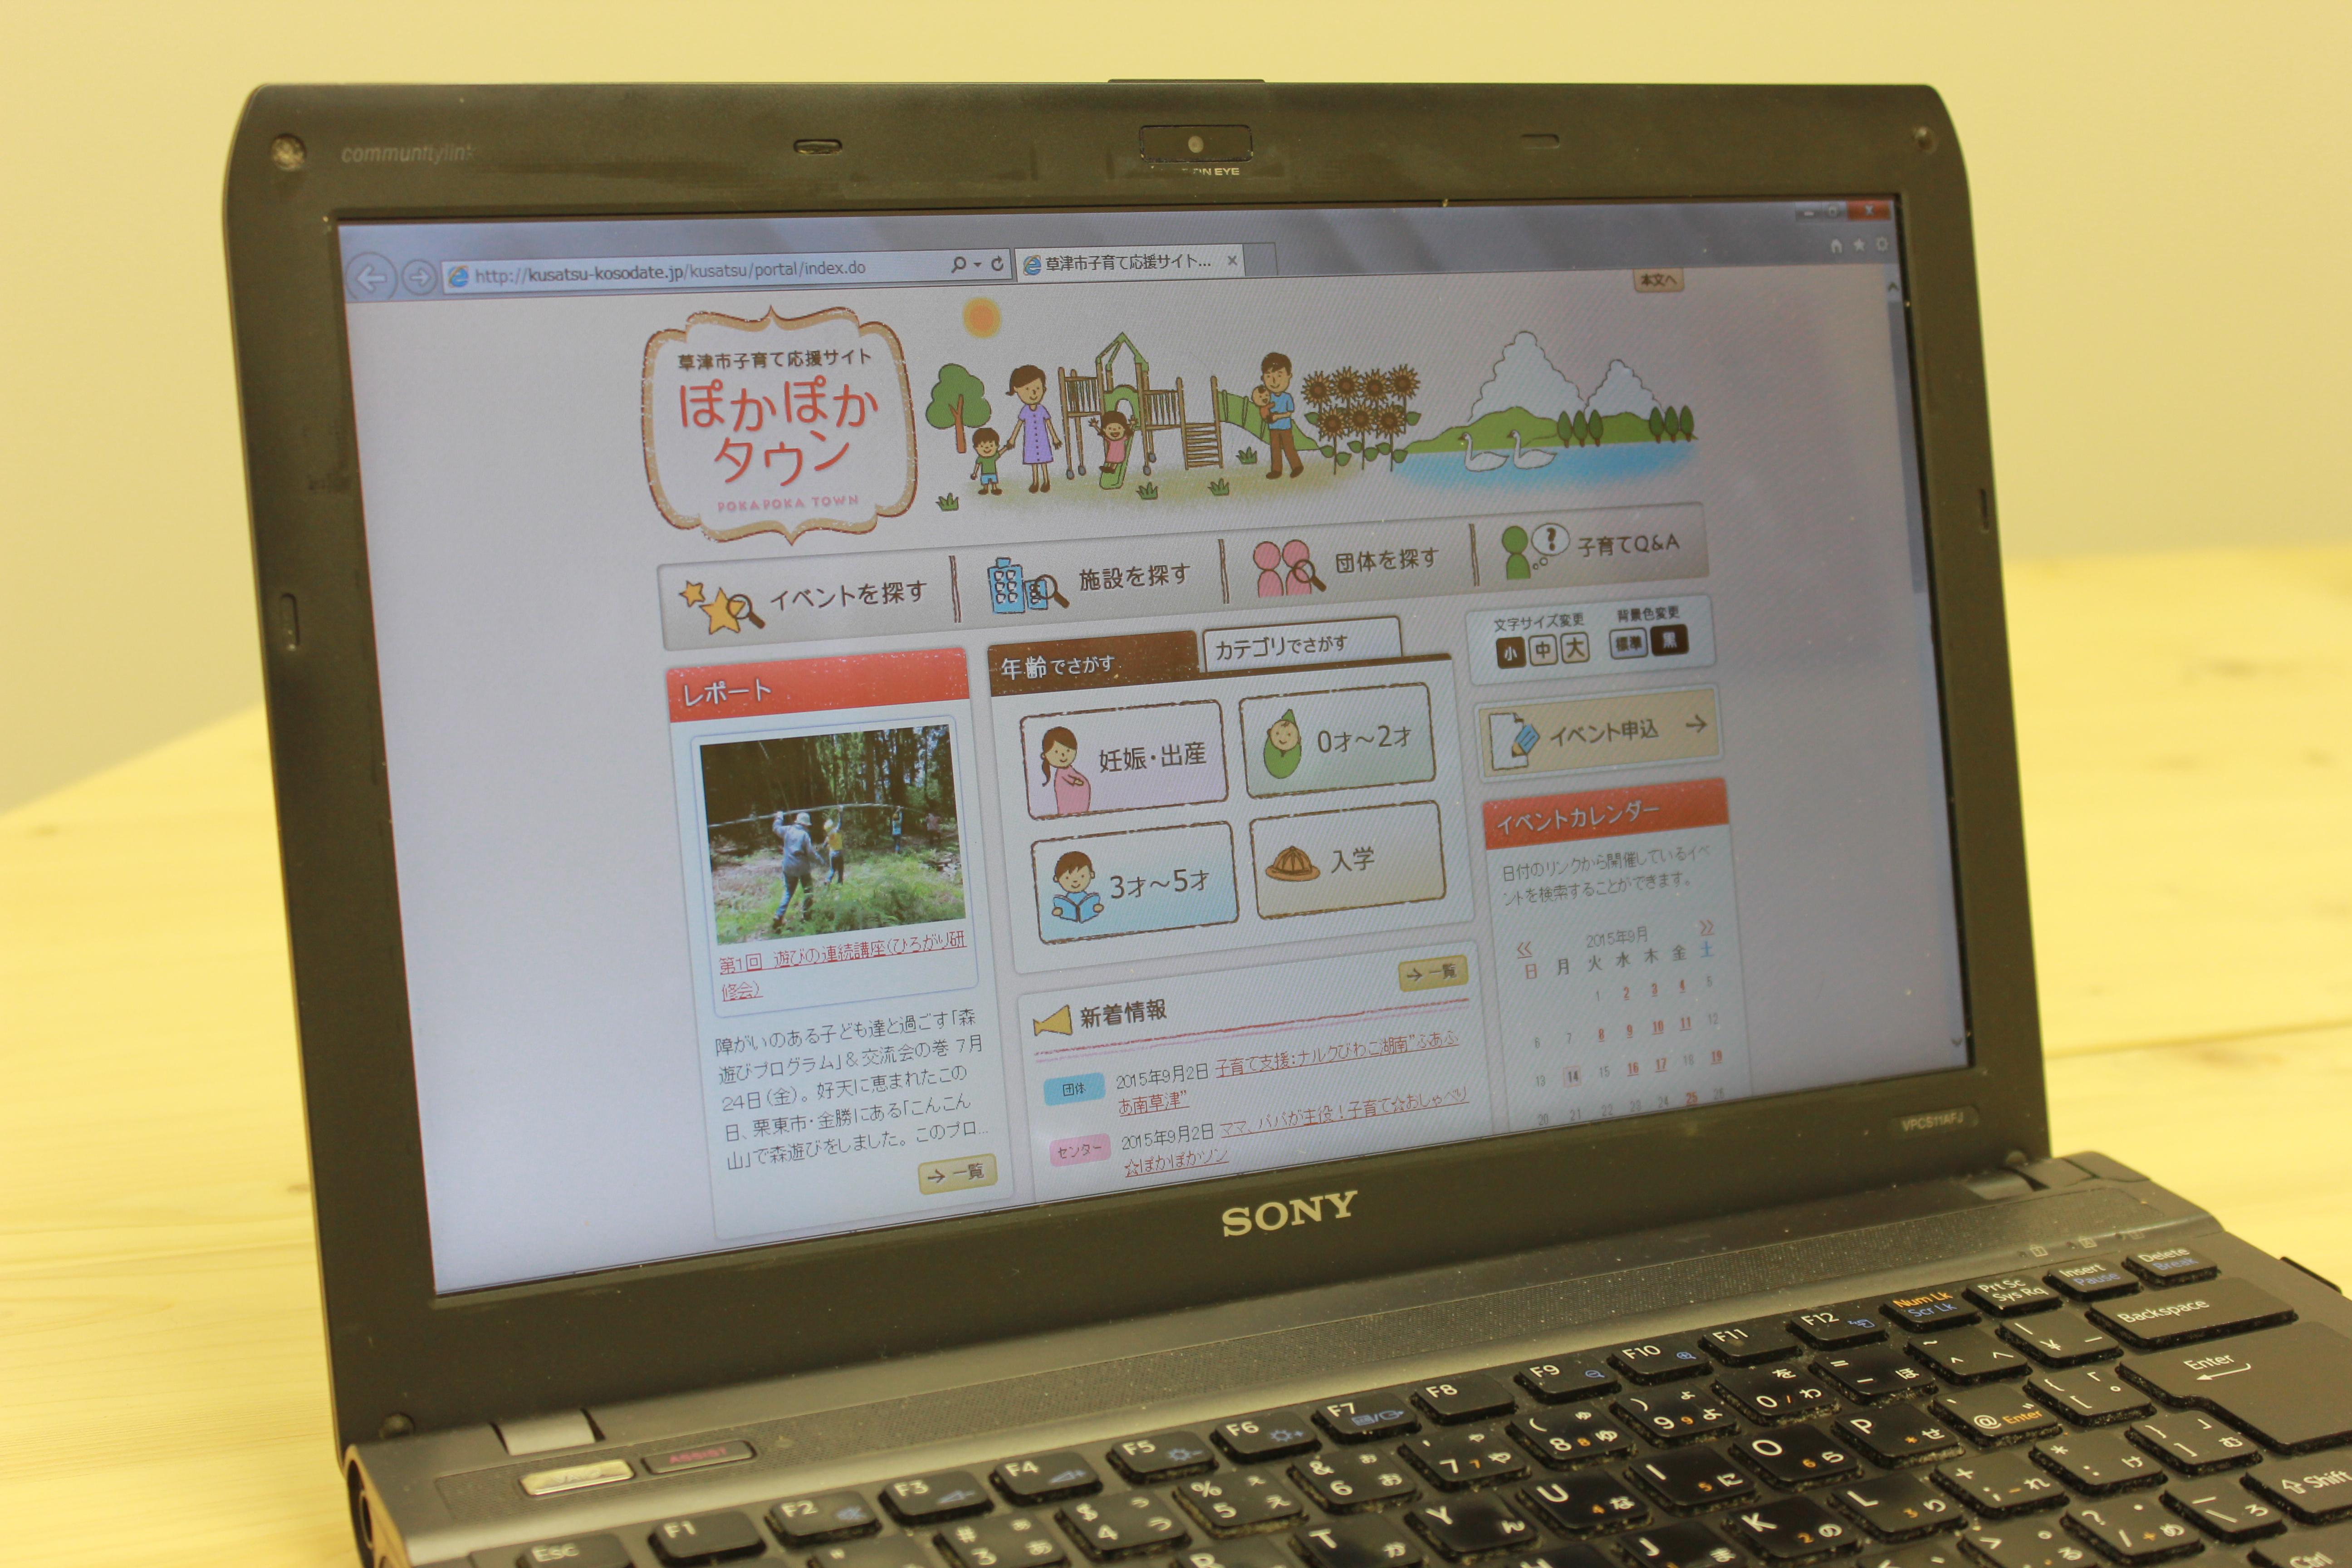 草津市(滋賀県)と共催で、アイデアソンを開催!